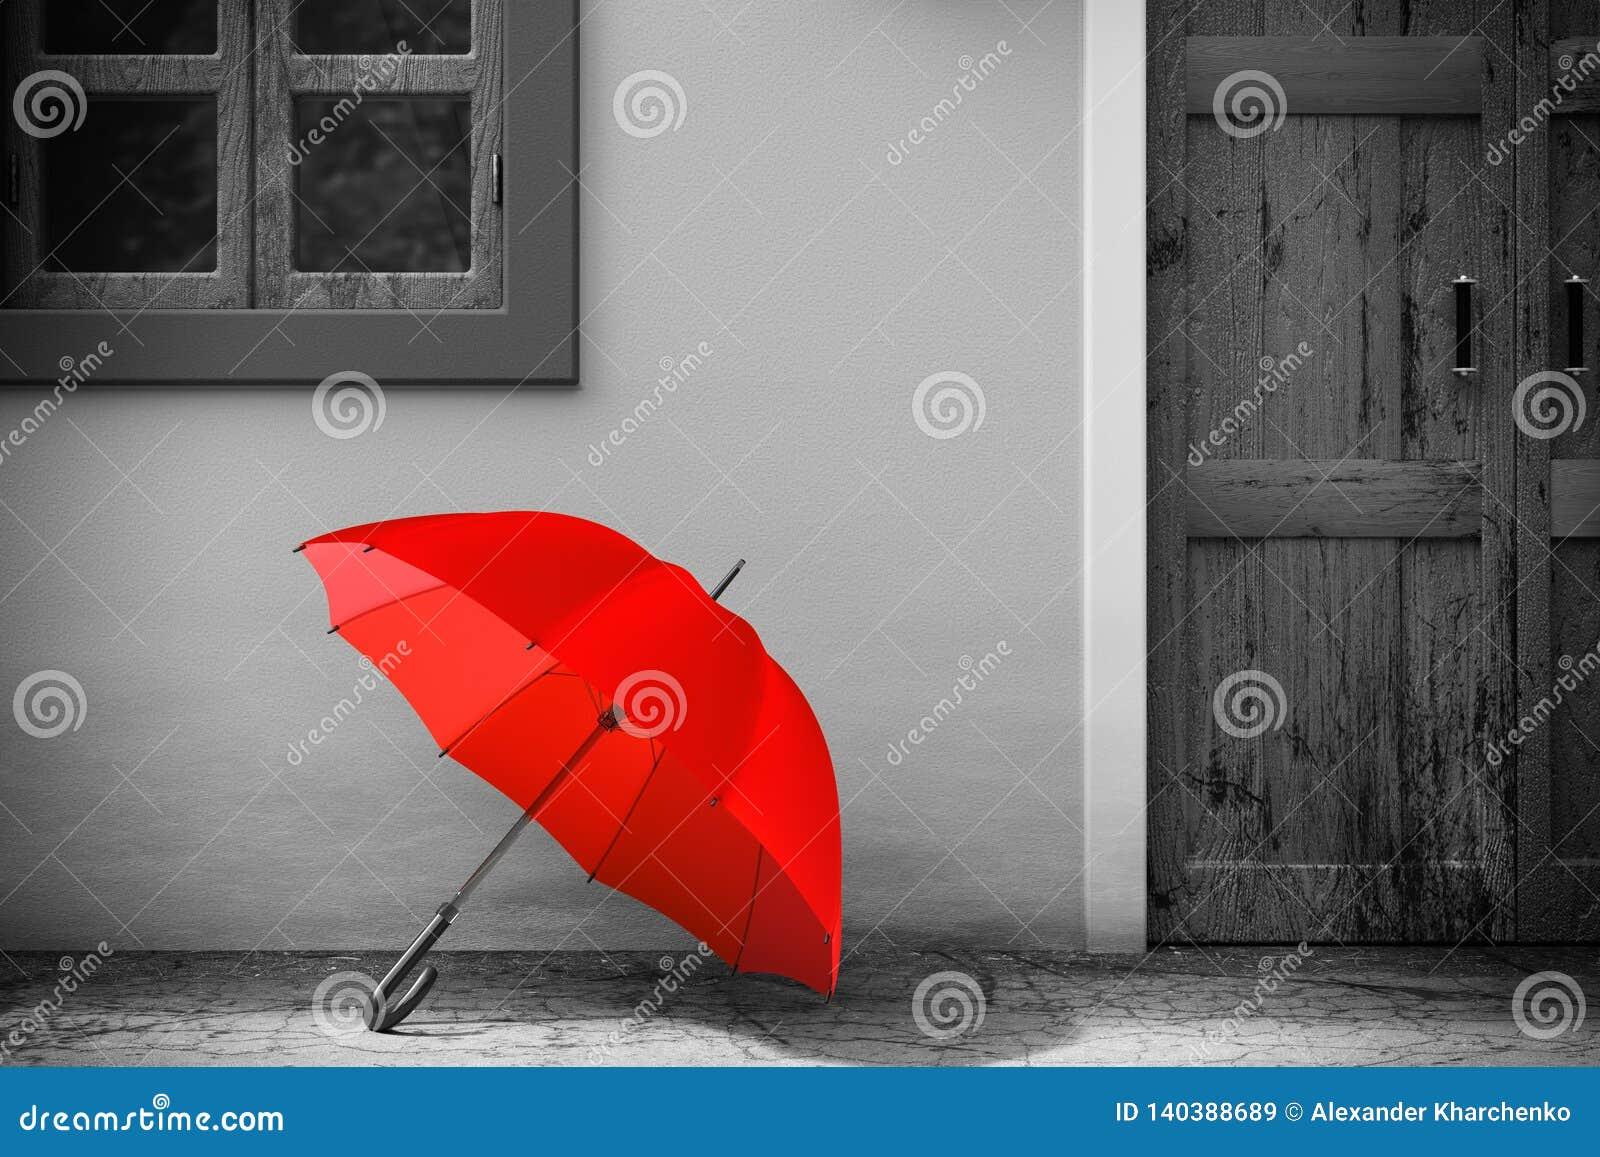 Rode Paraplu voor Retro Uitstekende Europese Woningbouw in Zwart-wit Stijl, Smalle Straatscène het 3d teruggeven